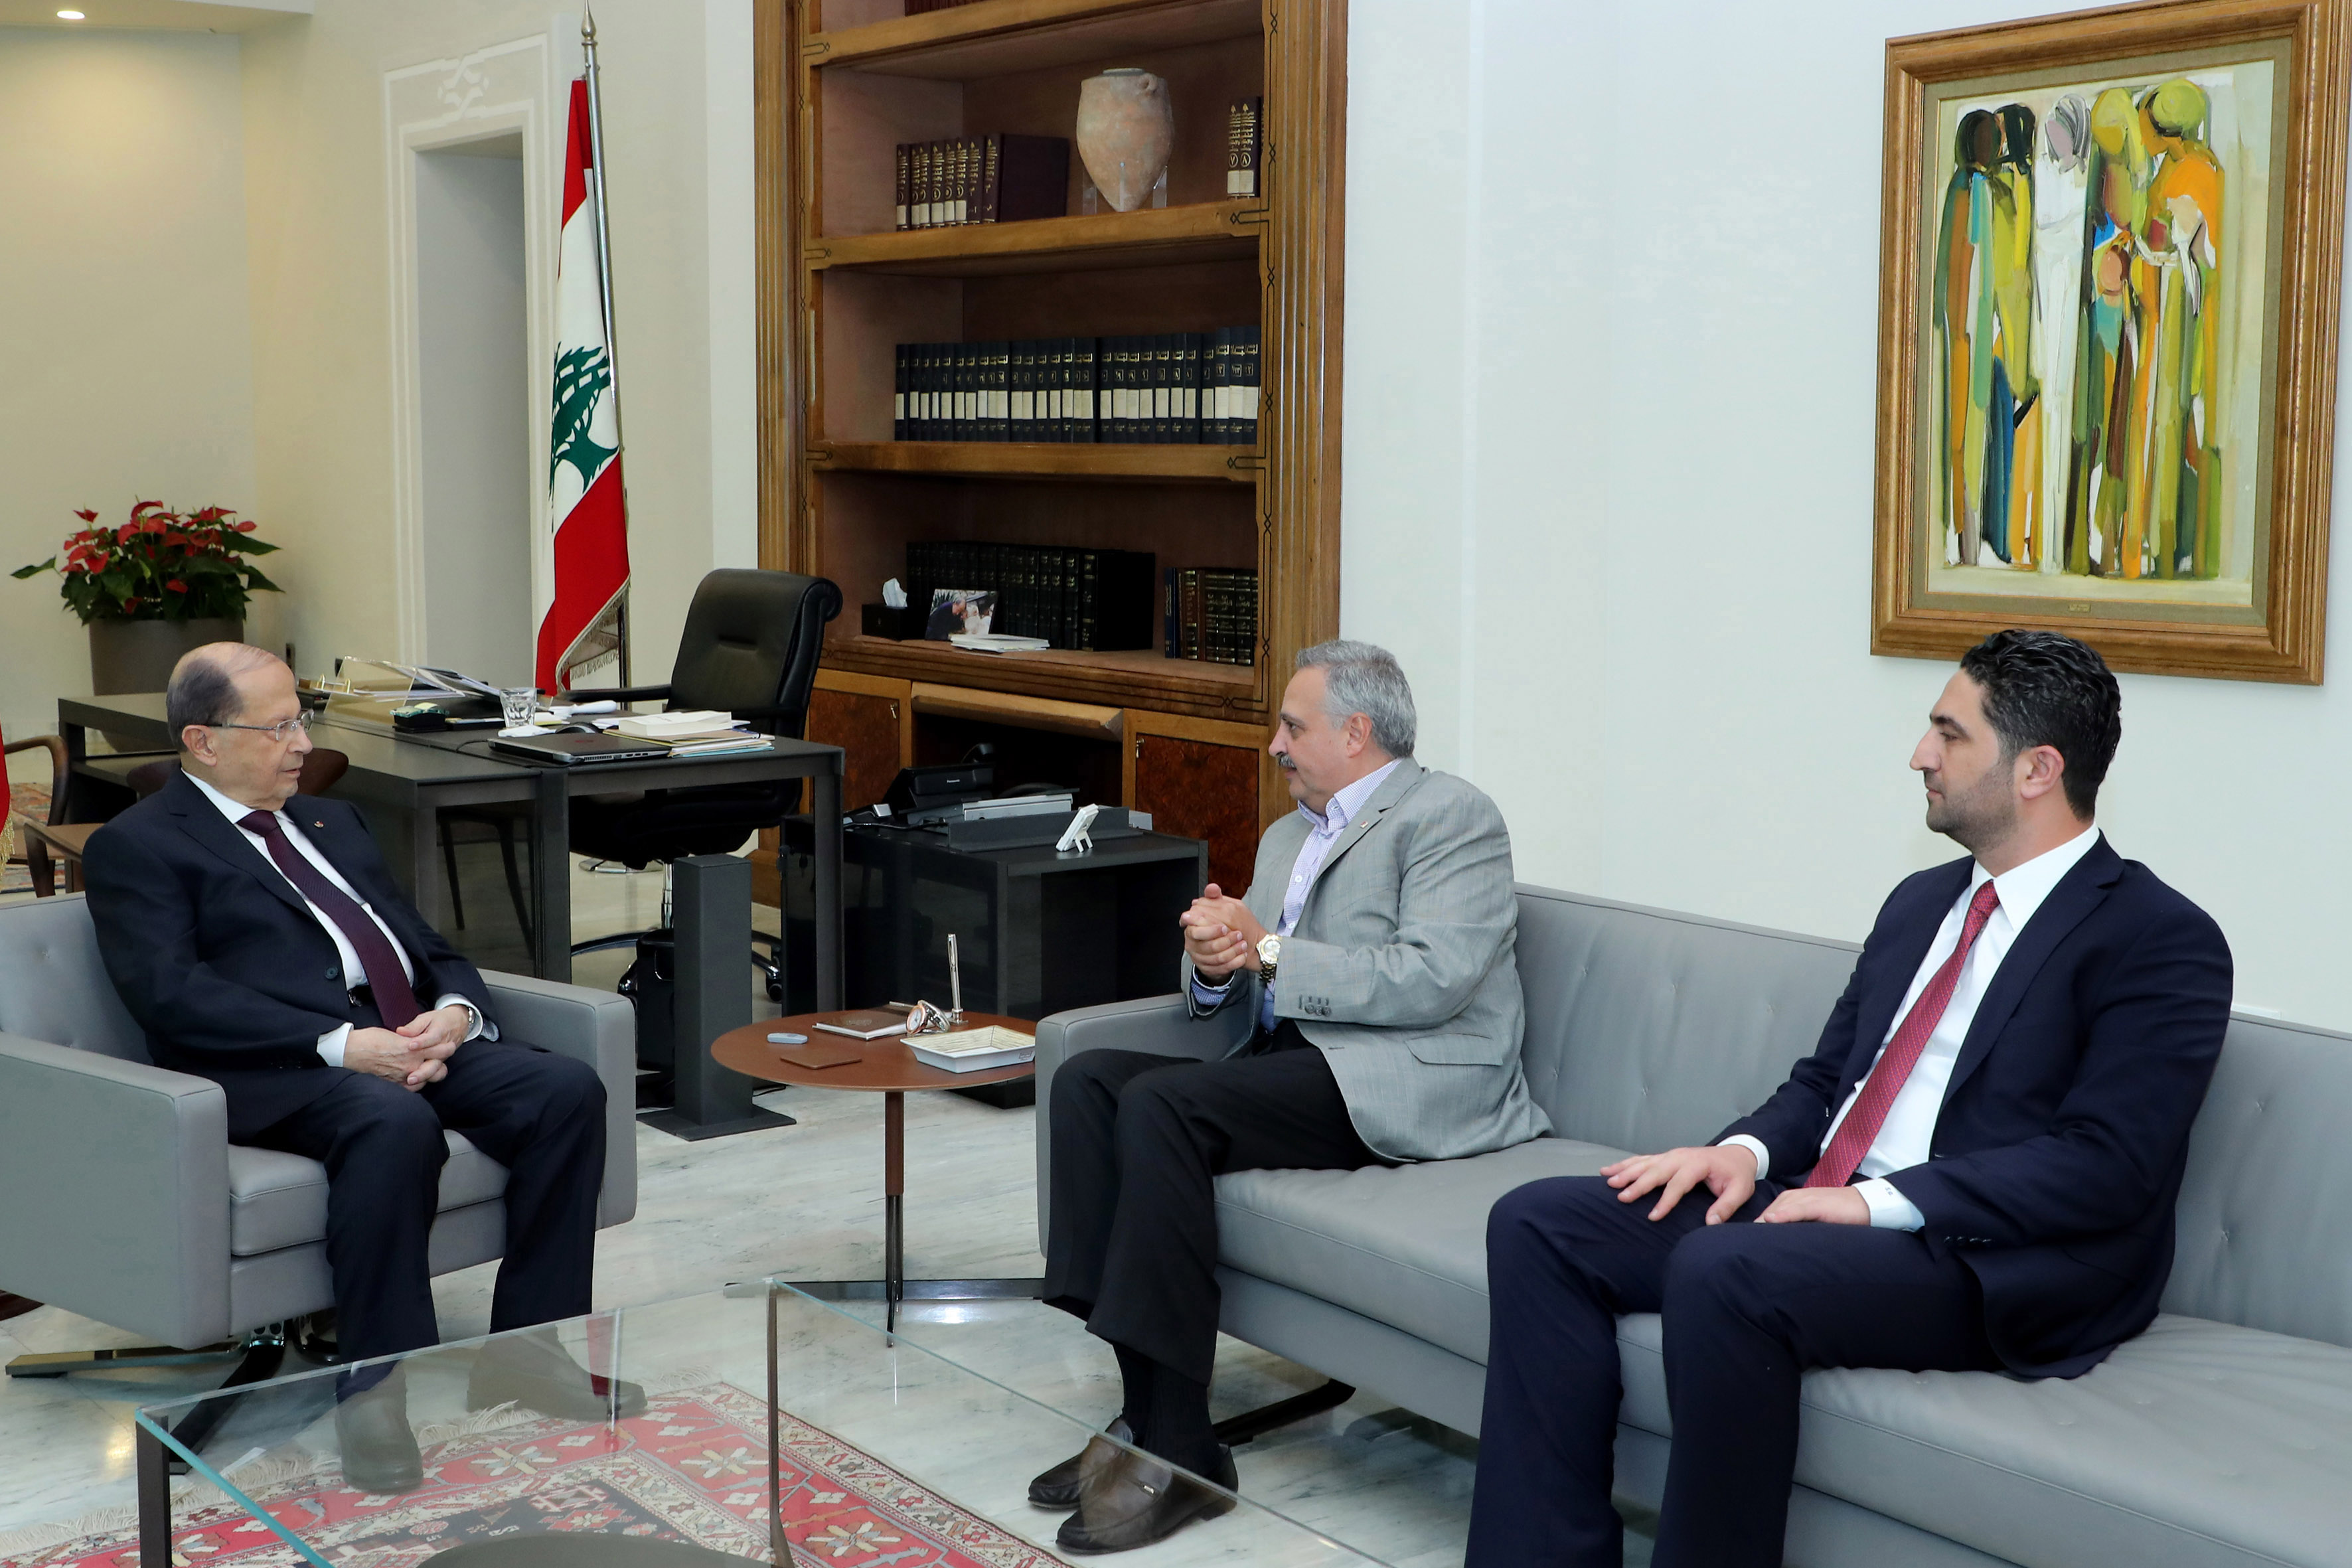 5- Minister Saleh Al Gharib & MP Talal Arslan